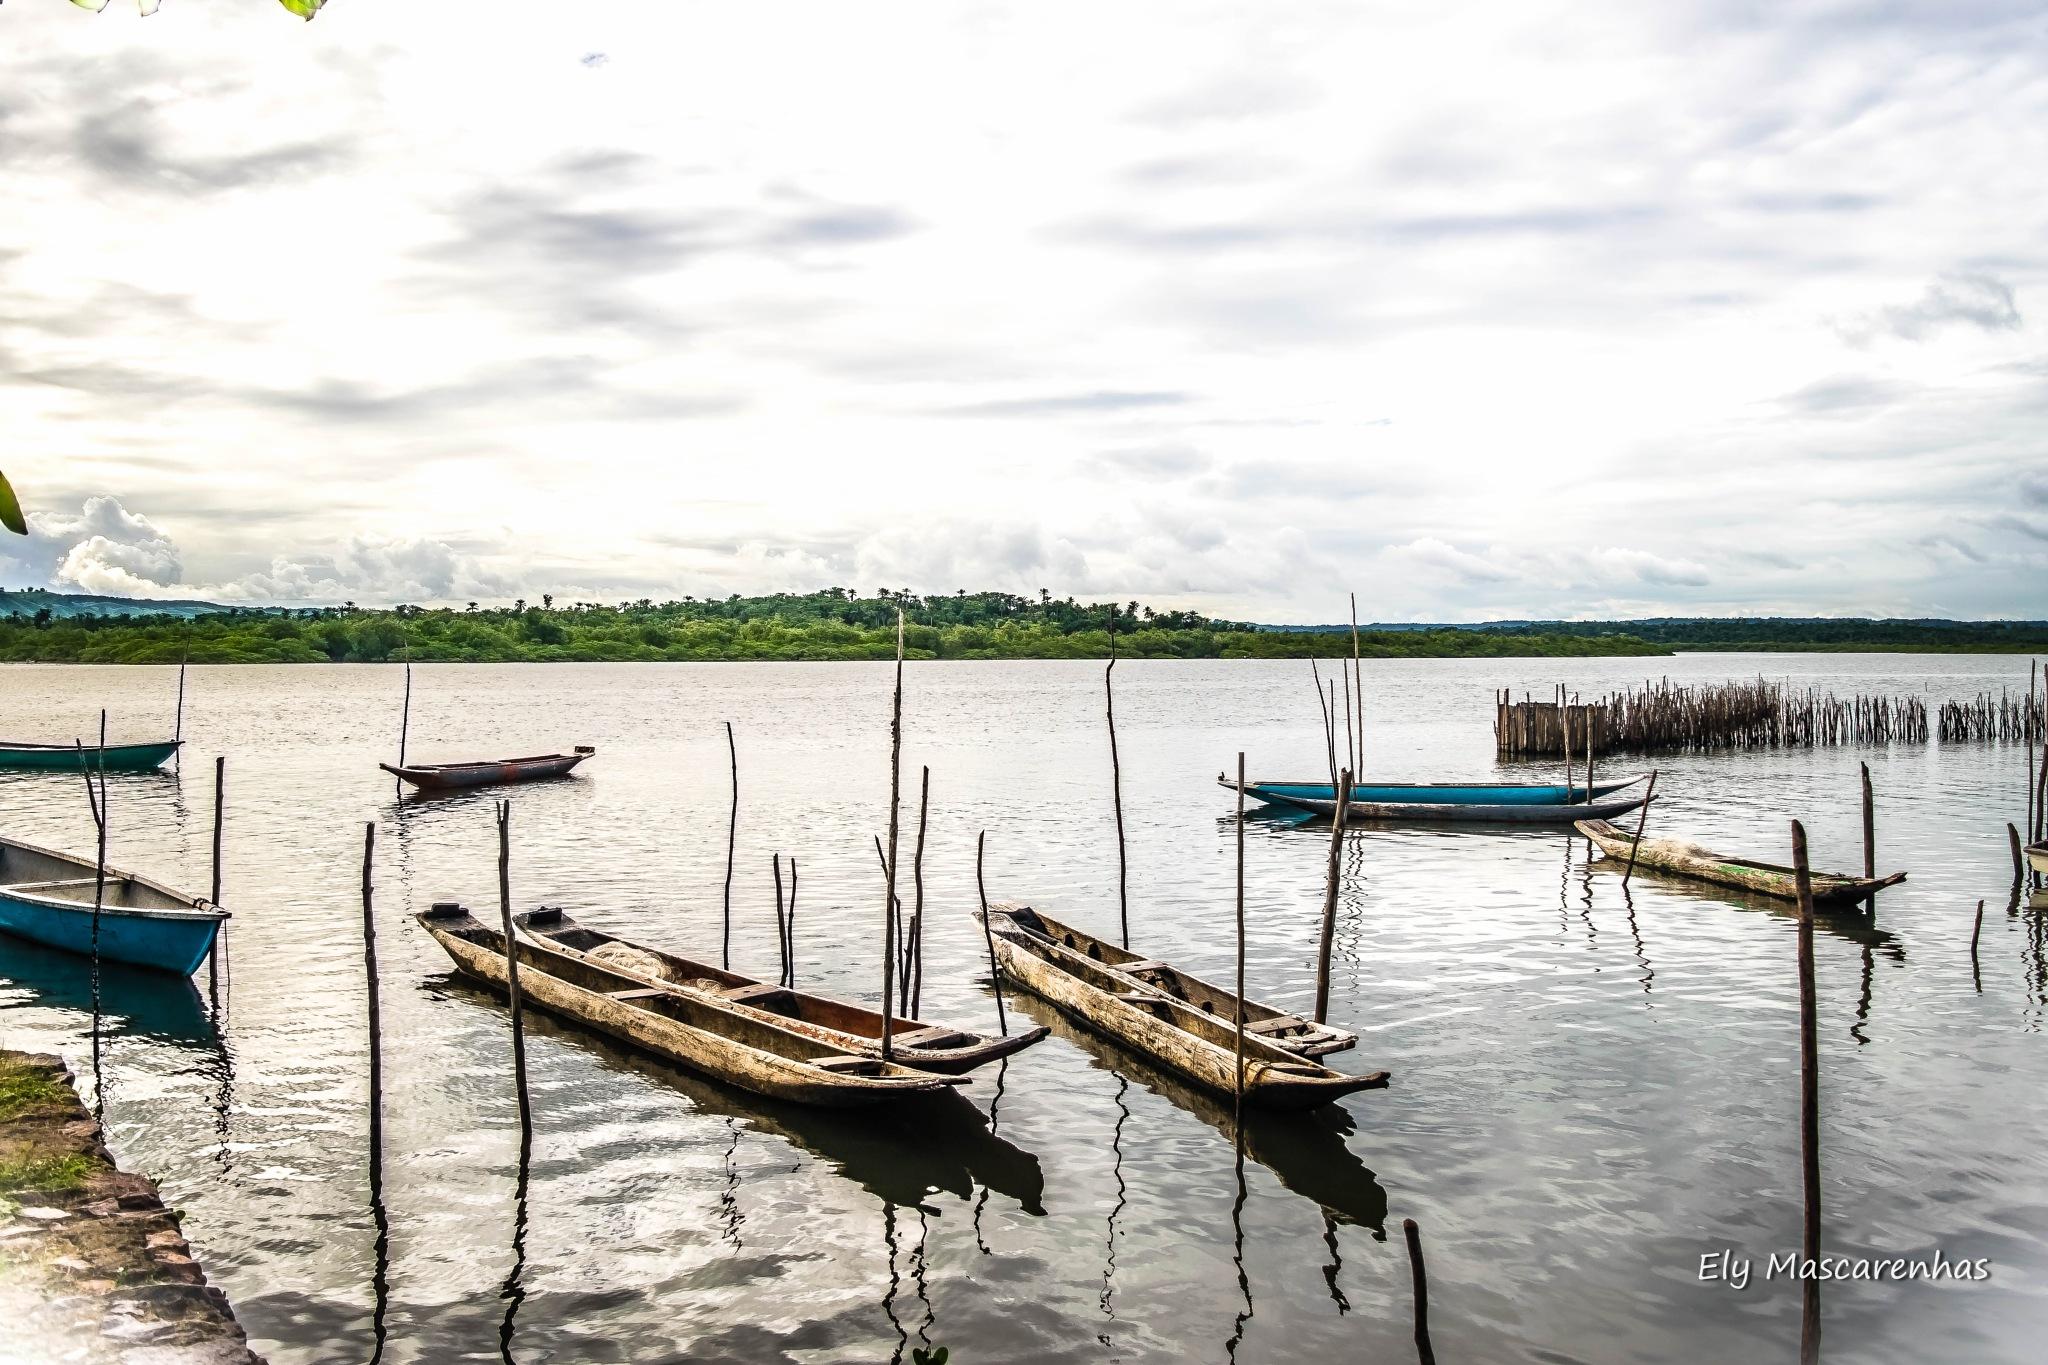 Canoas  by Ely Mascarenhas